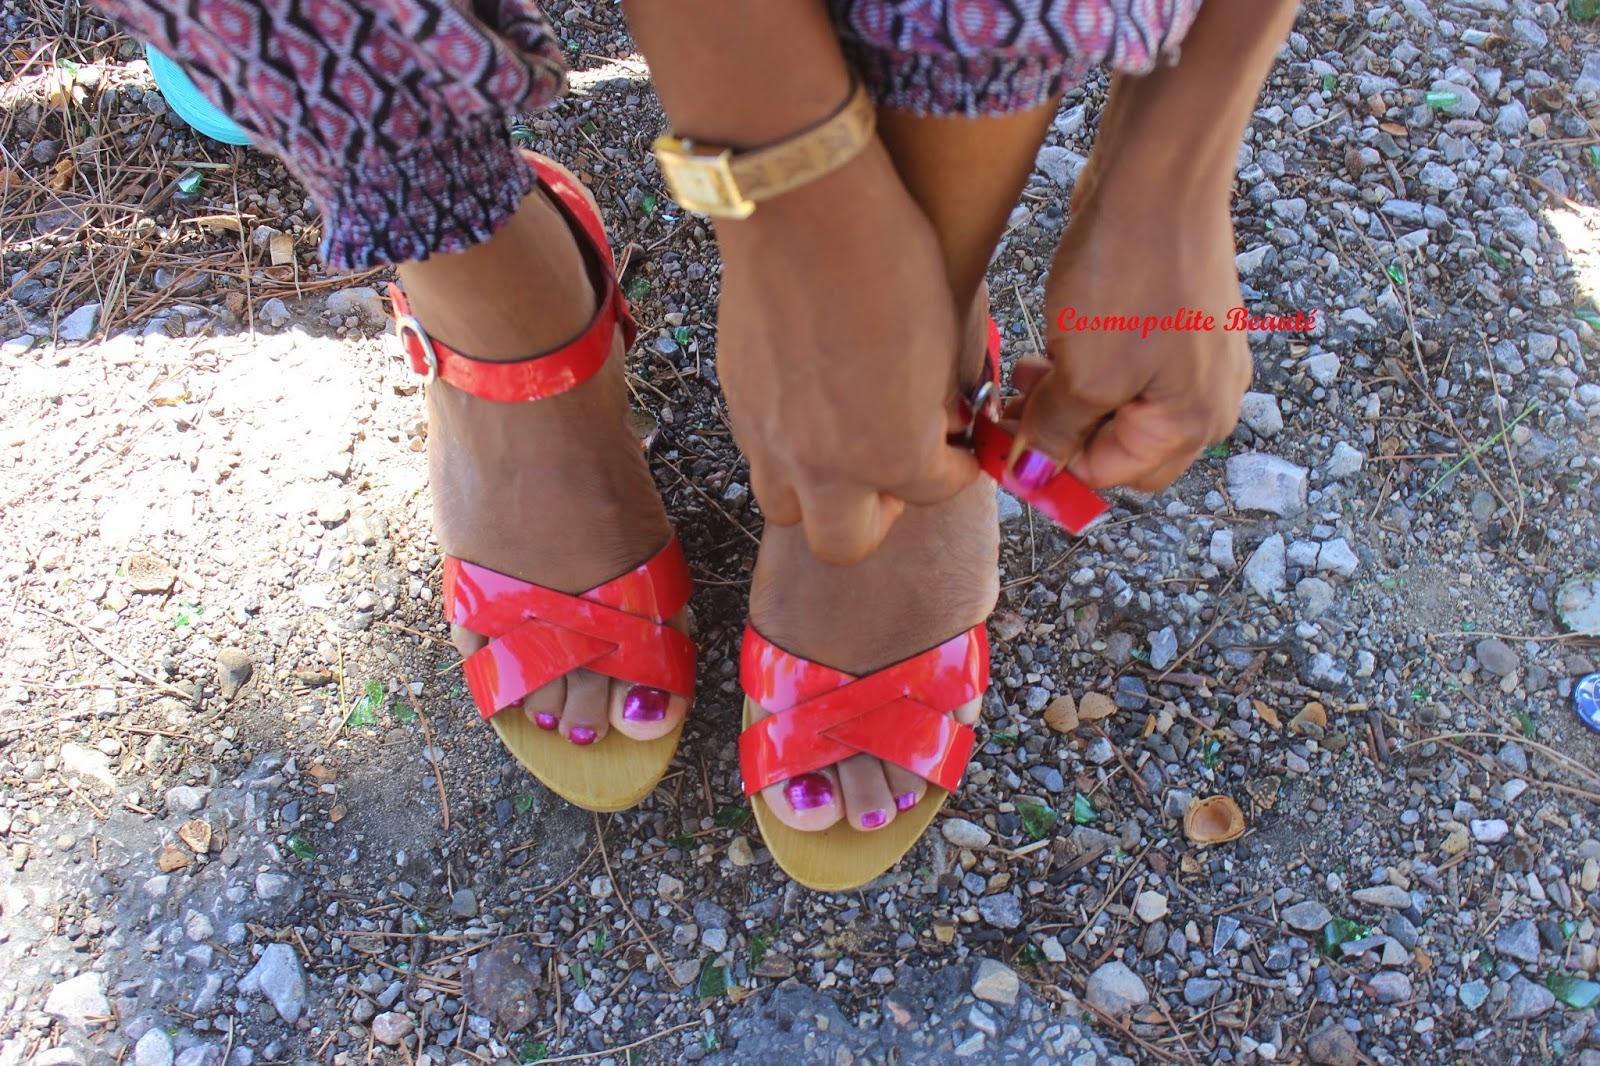 tenue, chaussures compensées, tenue, maquillage, chaussures, primark, bala bosté, louis vuitton, revlon, ysl, urban decay, gemey, UNE, l'oréal, sleek